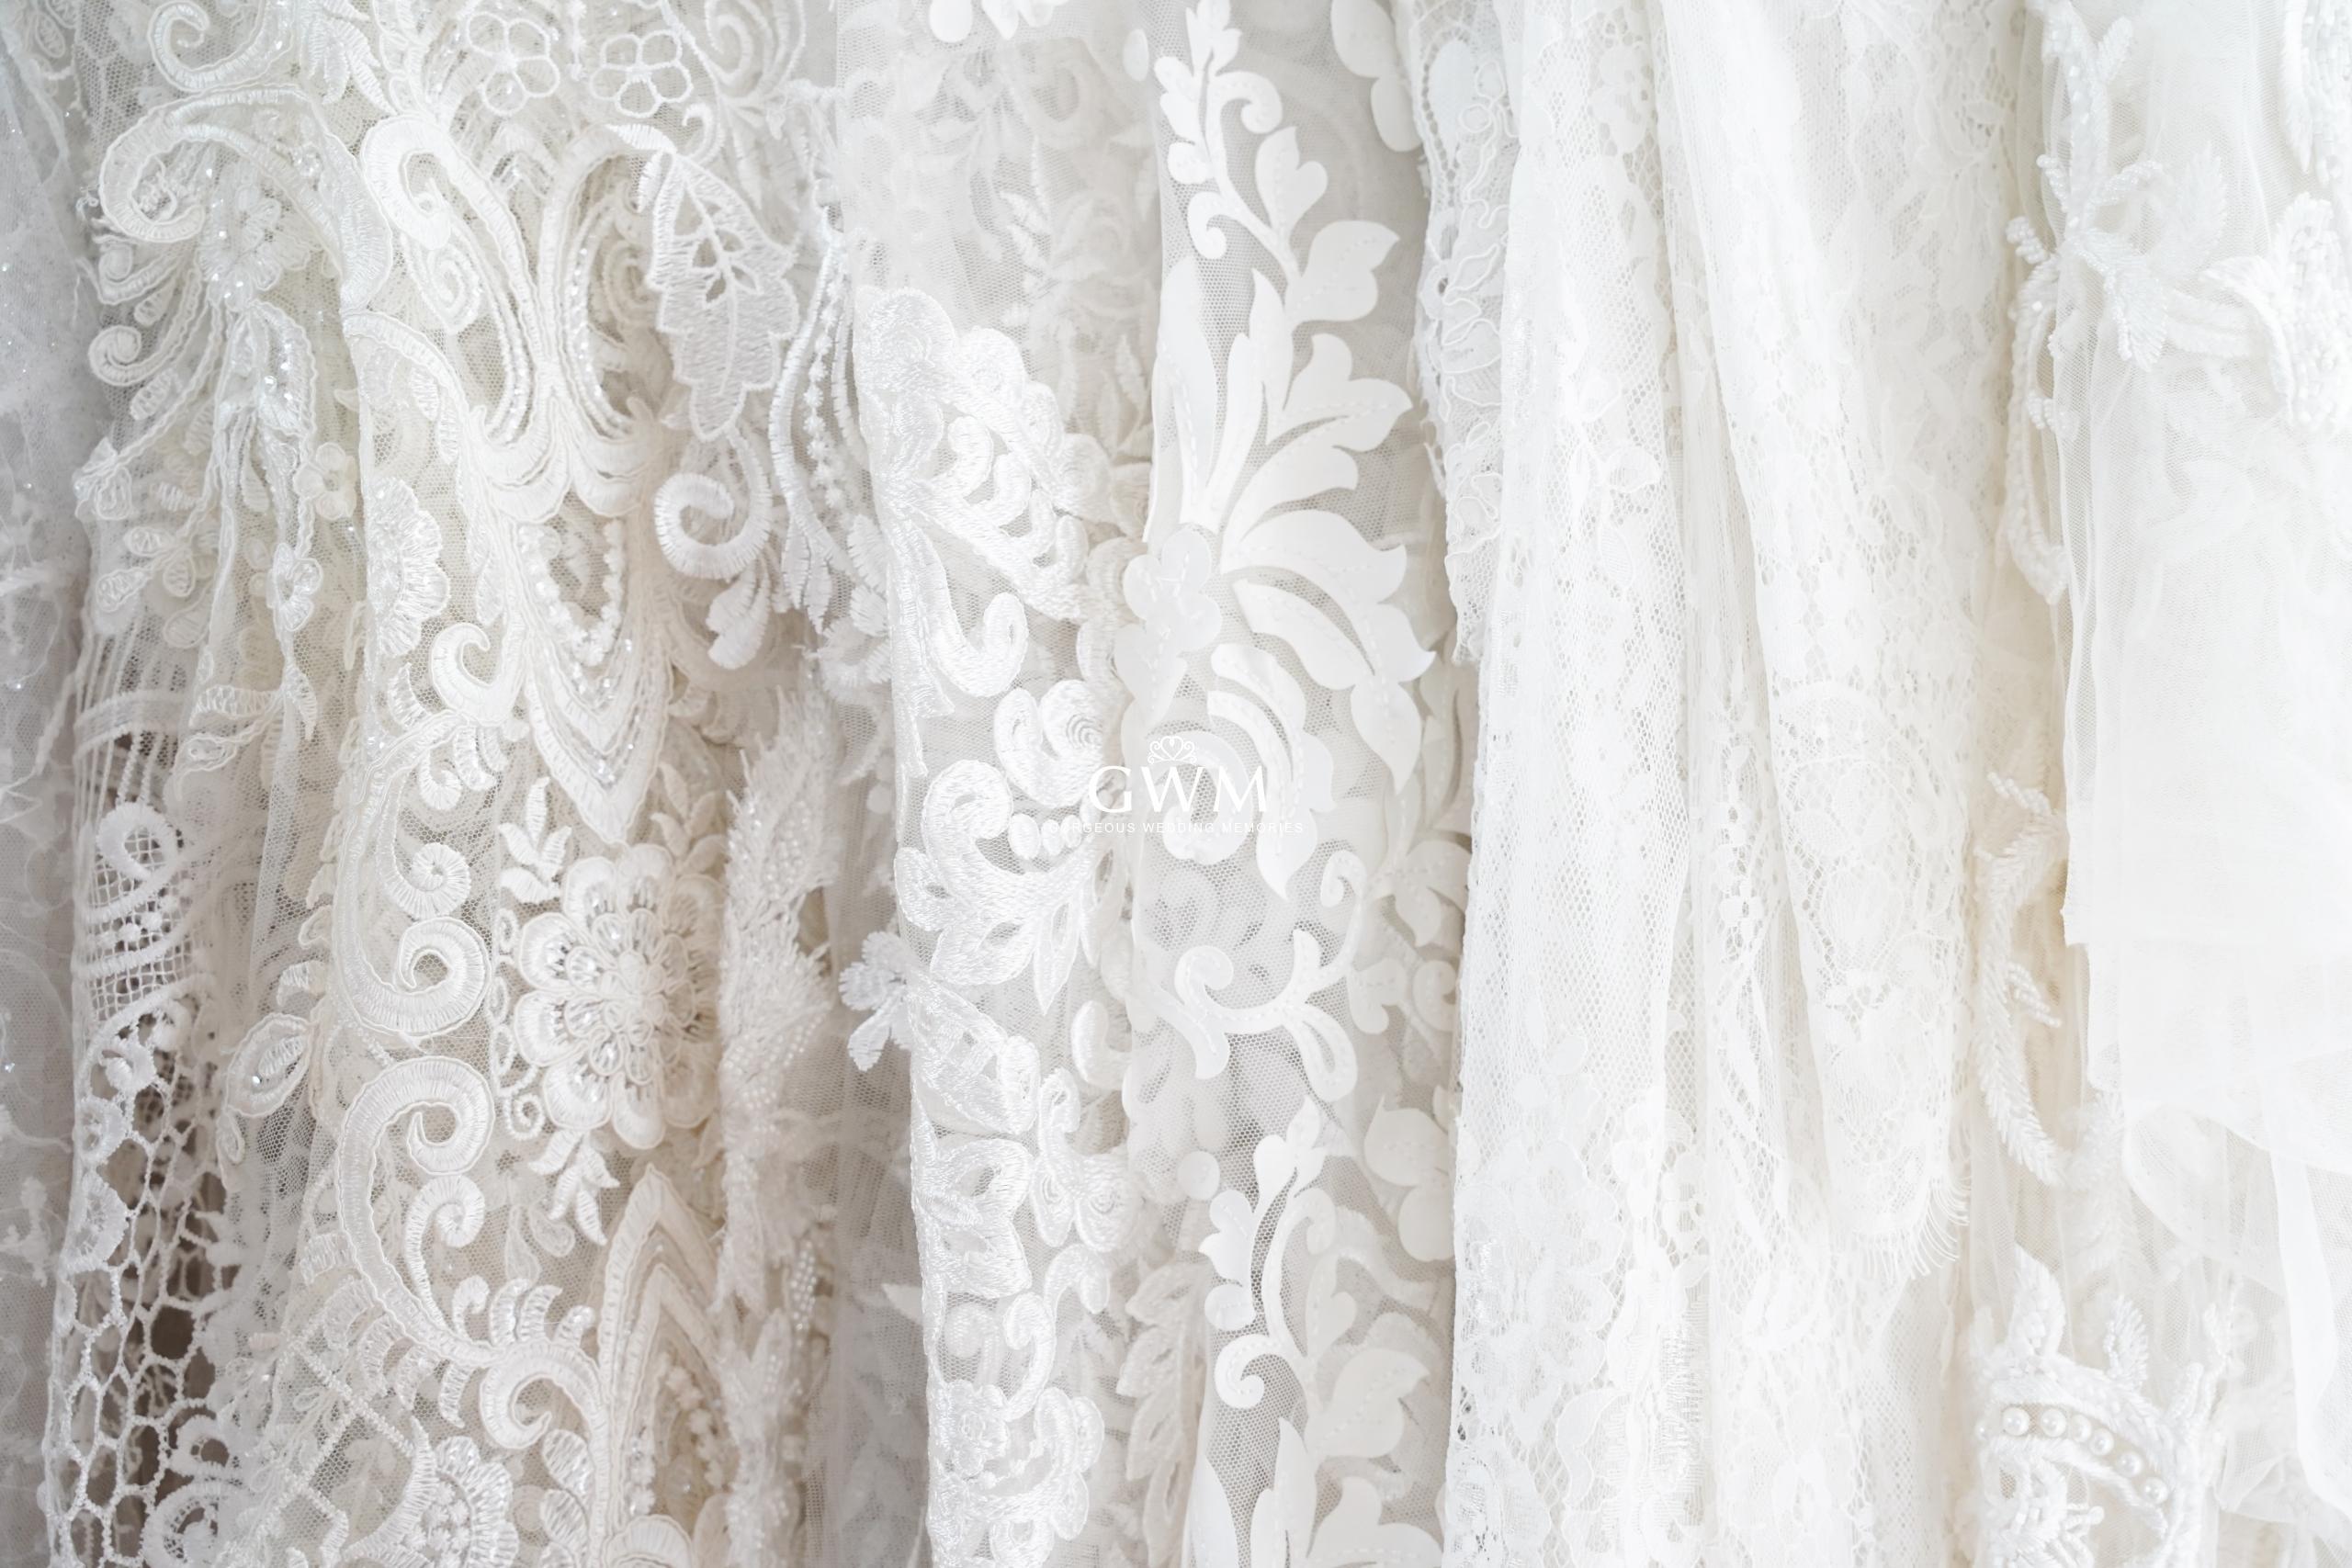 GWM Bridal Lace